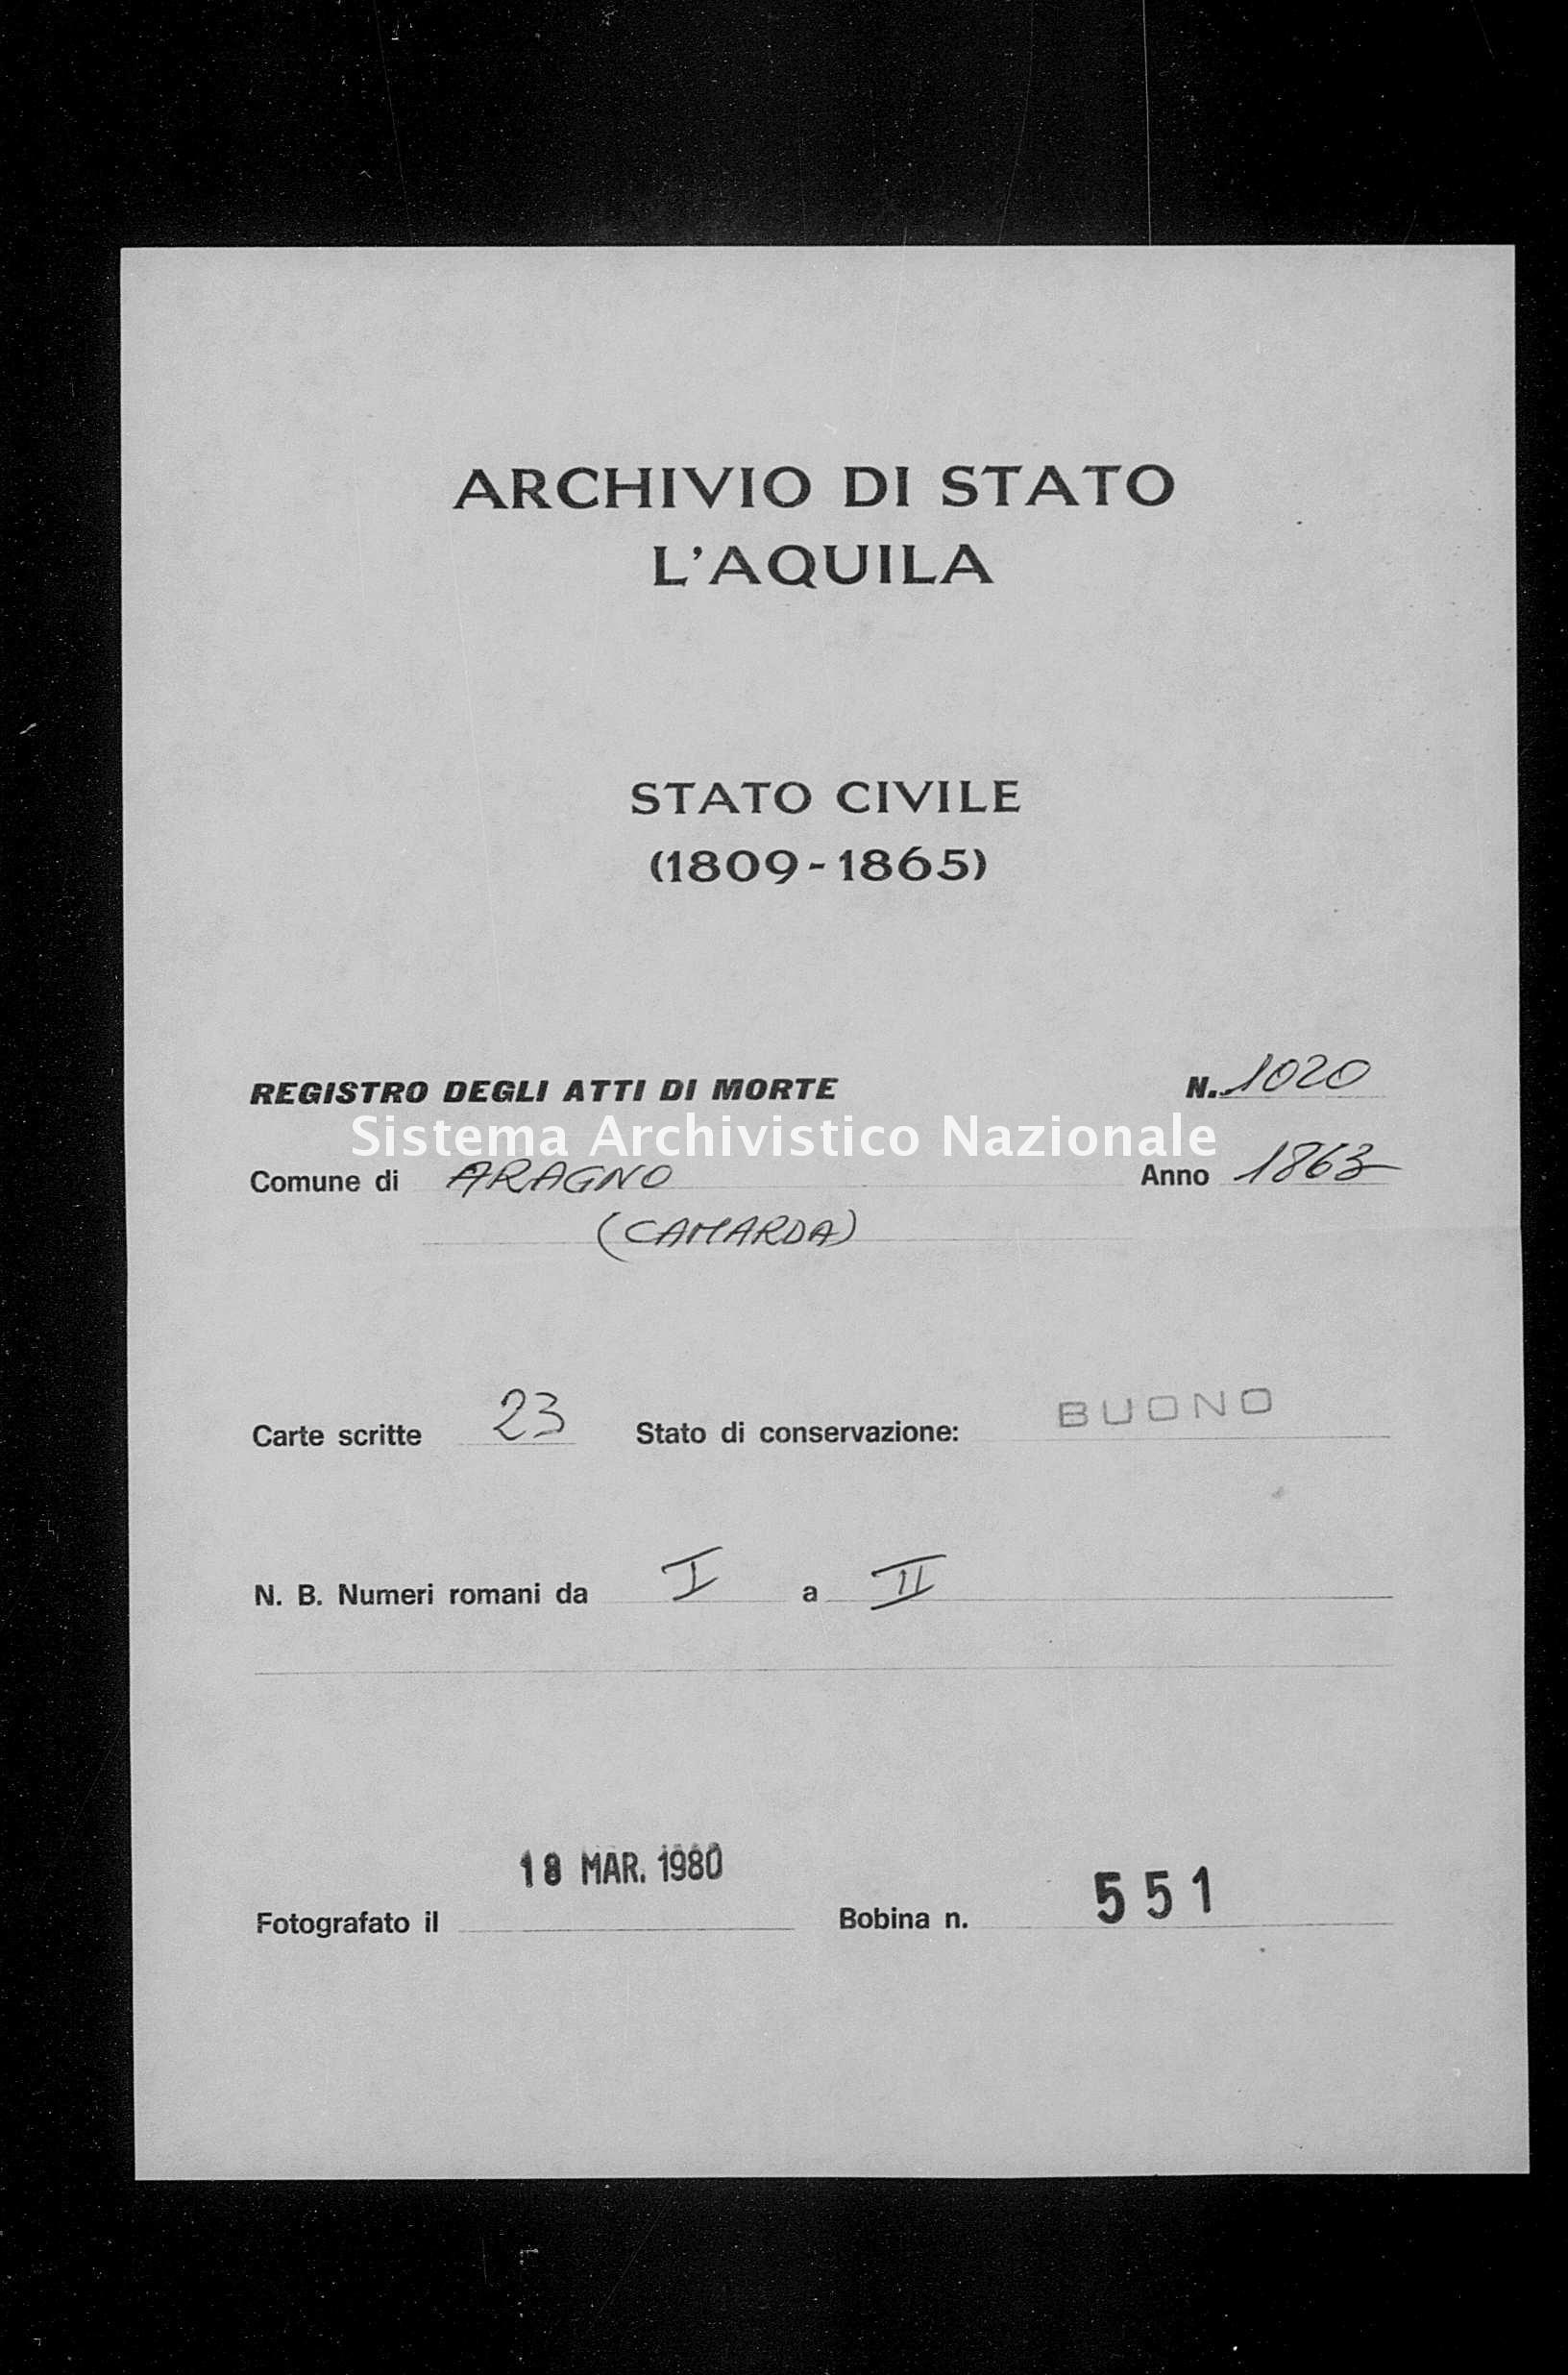 Archivio di stato di L'aquila - Stato civile italiano - Aragno - Morti - 1863 - 1020 -